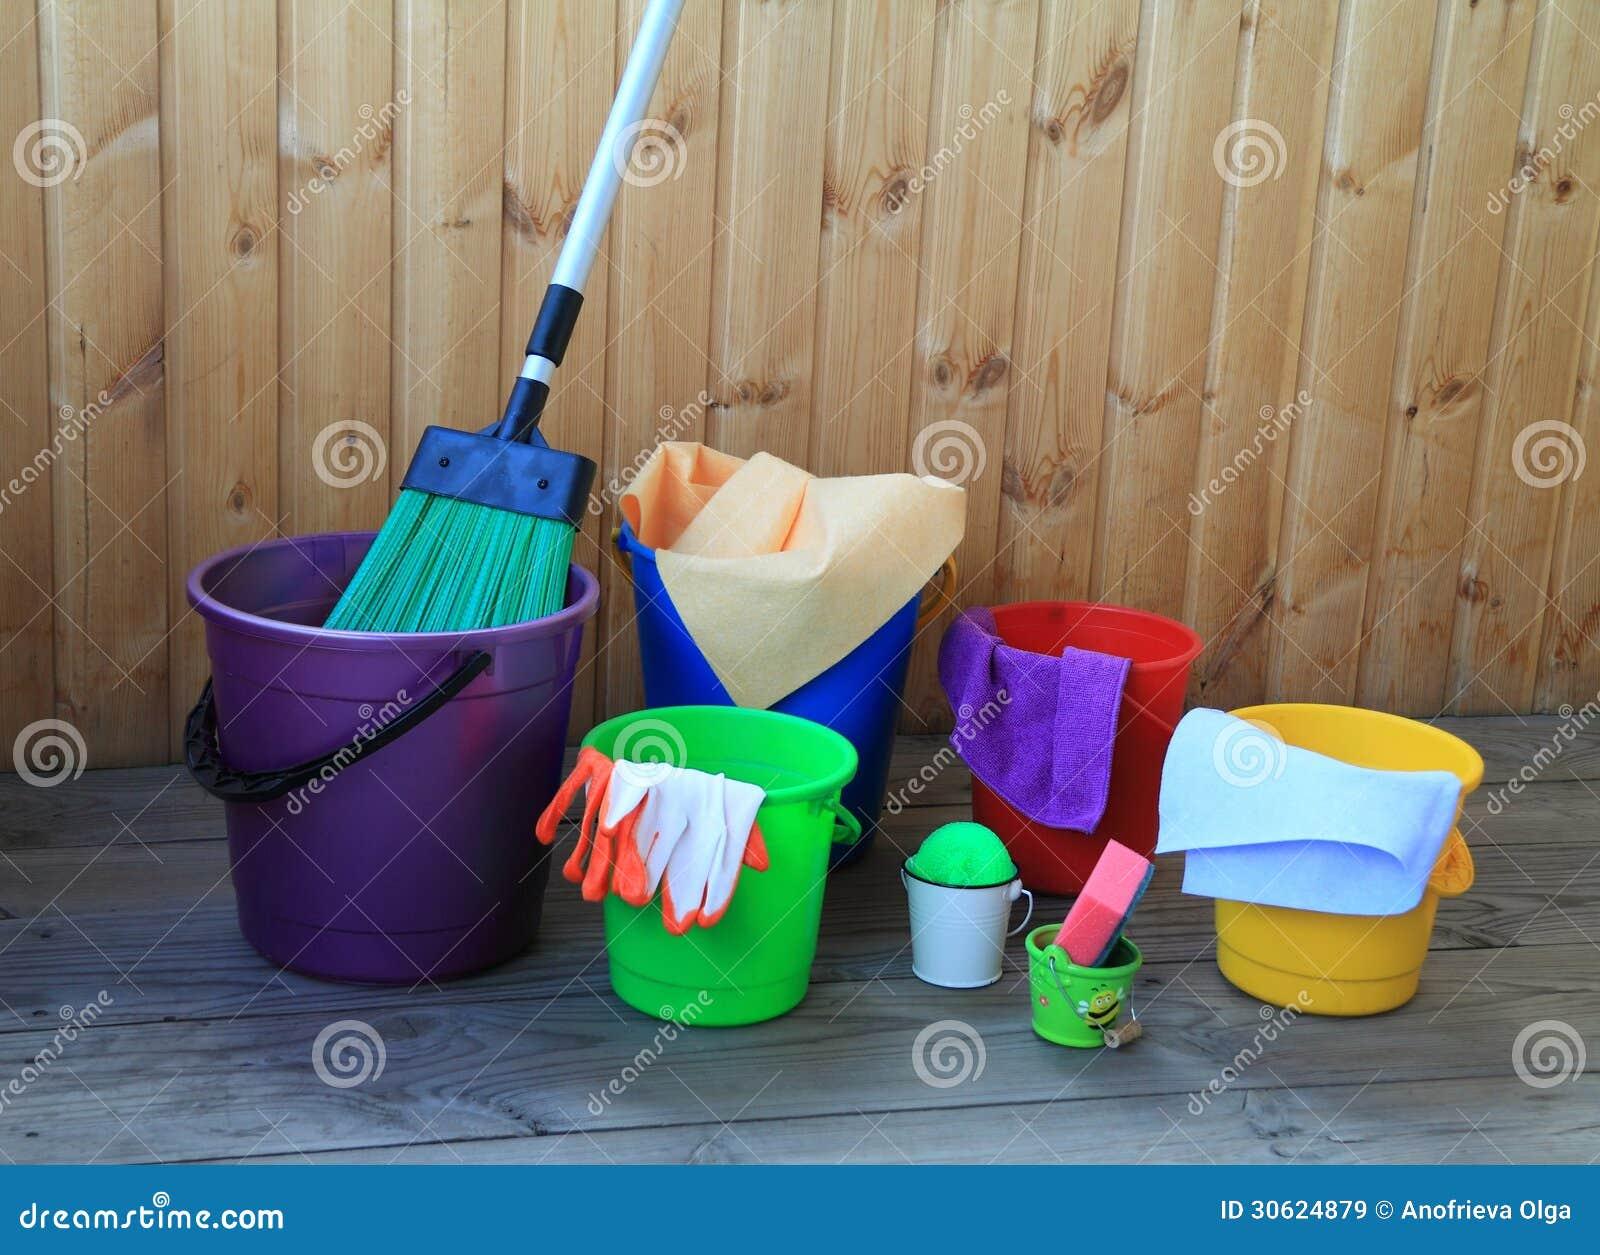 quipement pour nettoyer dans la maison images libres de droits image 30624879. Black Bedroom Furniture Sets. Home Design Ideas